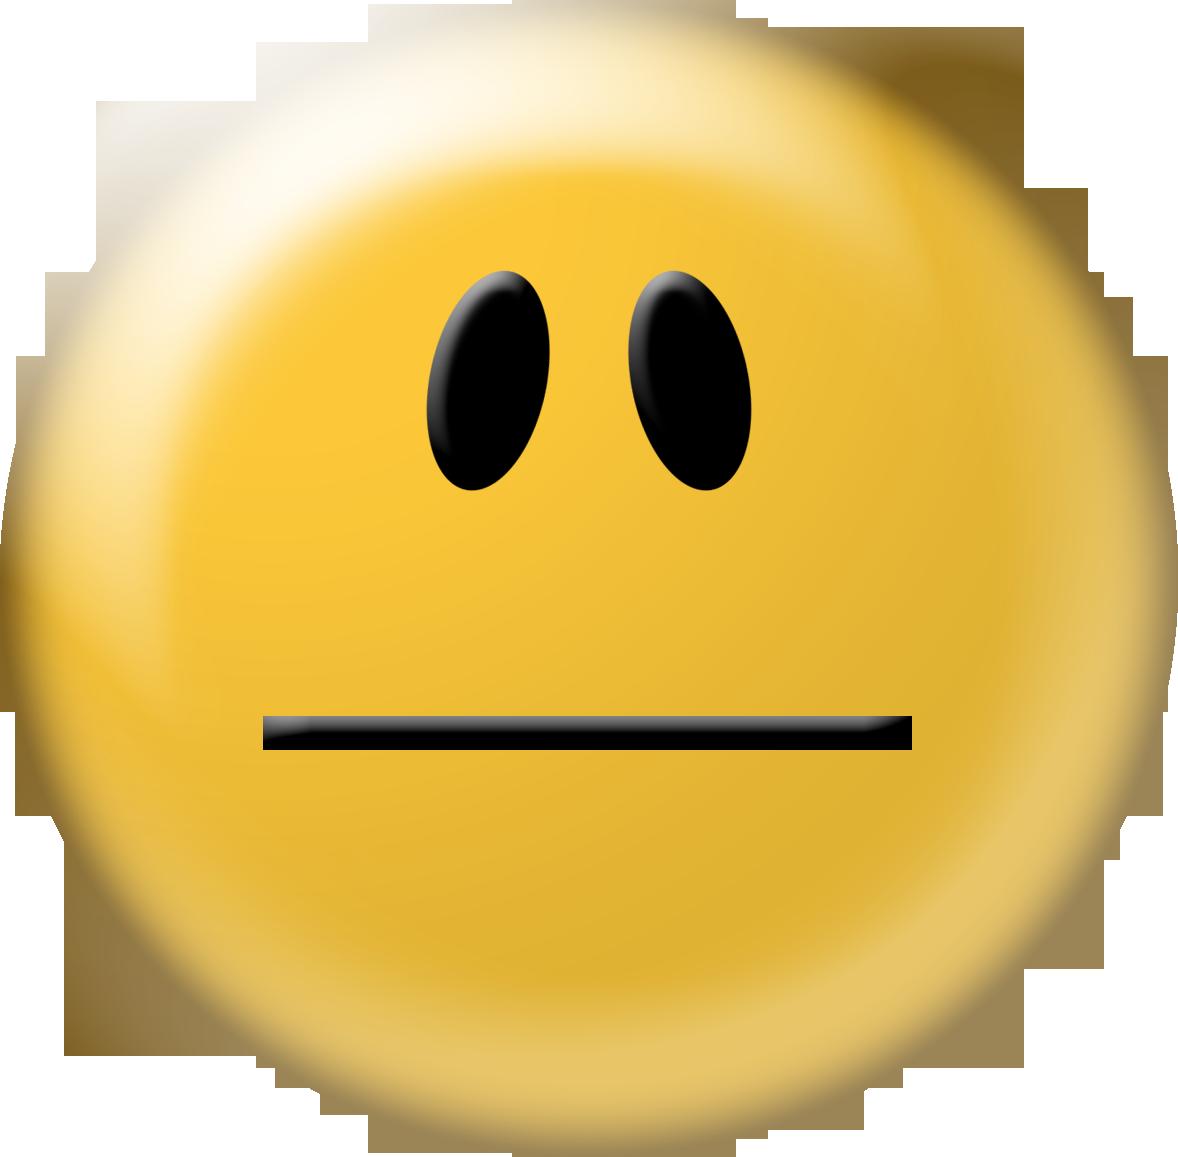 Открыток днем, картинка смайлики настроения на прозрачном фоне